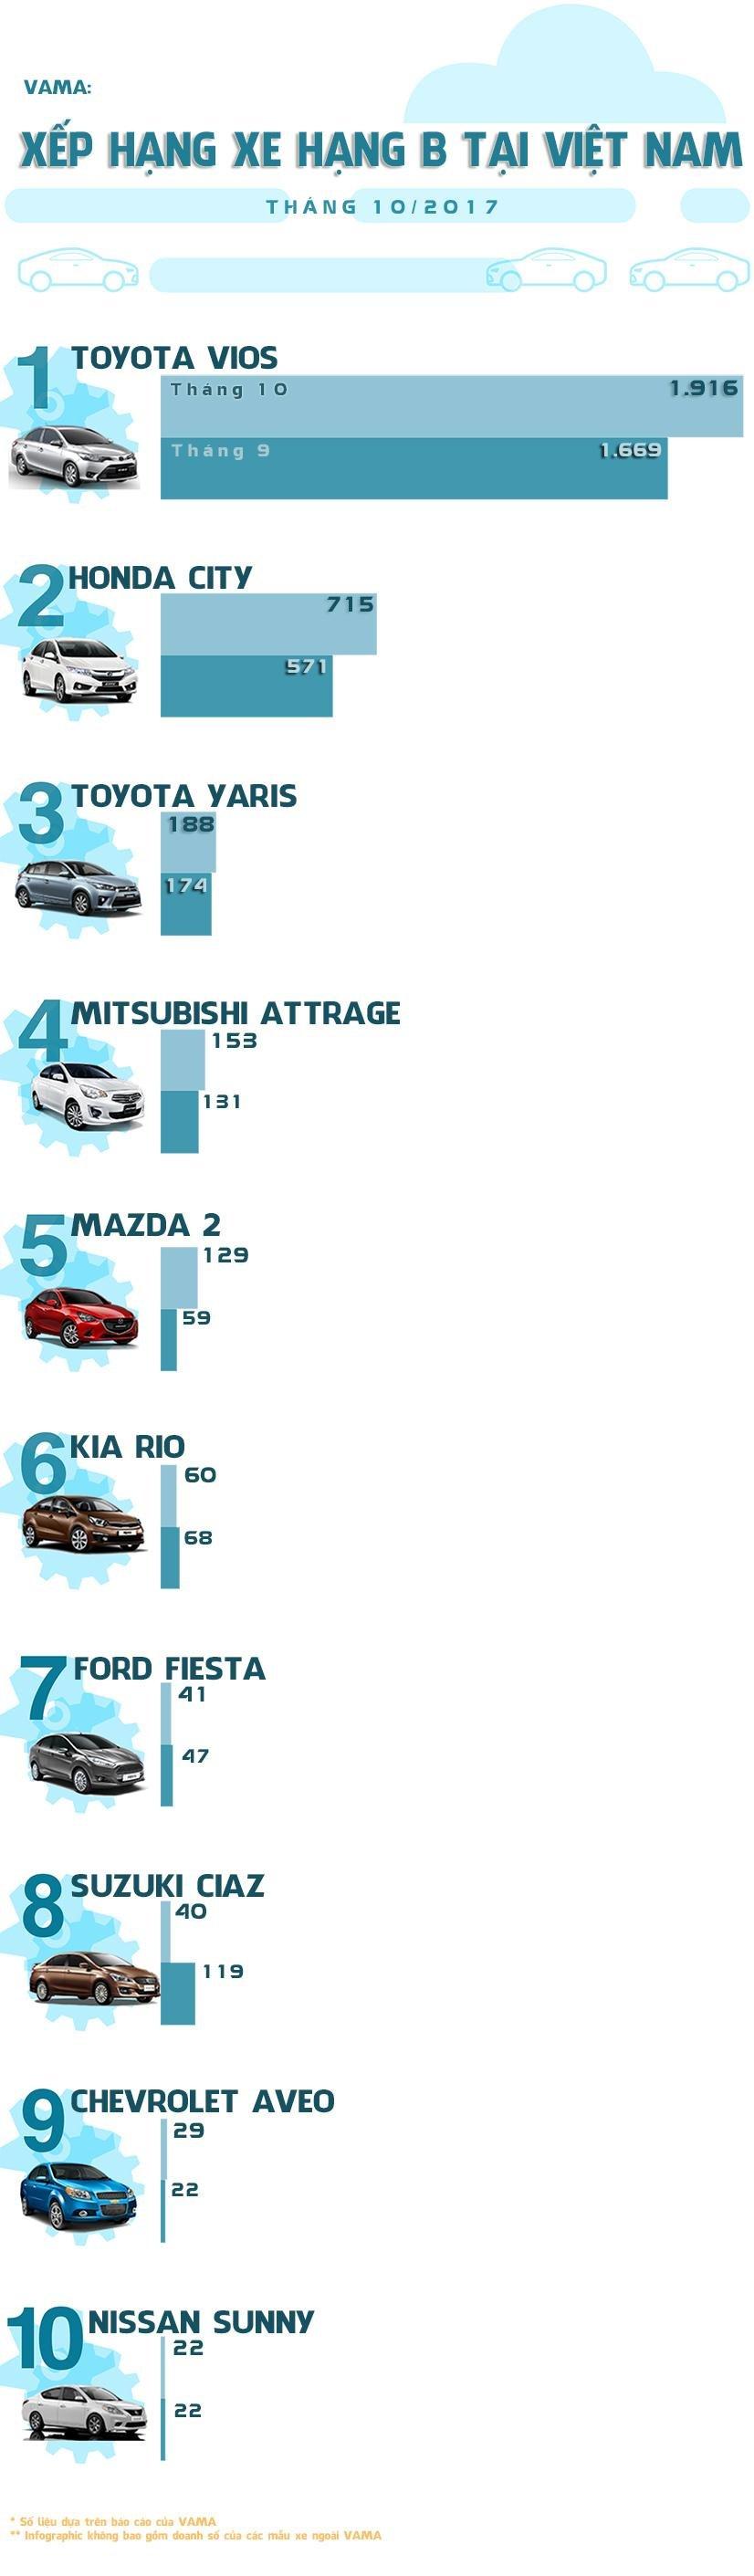 Top 10 xe hạng B ăn khách nhất Việt Nam tháng 10/2017 4